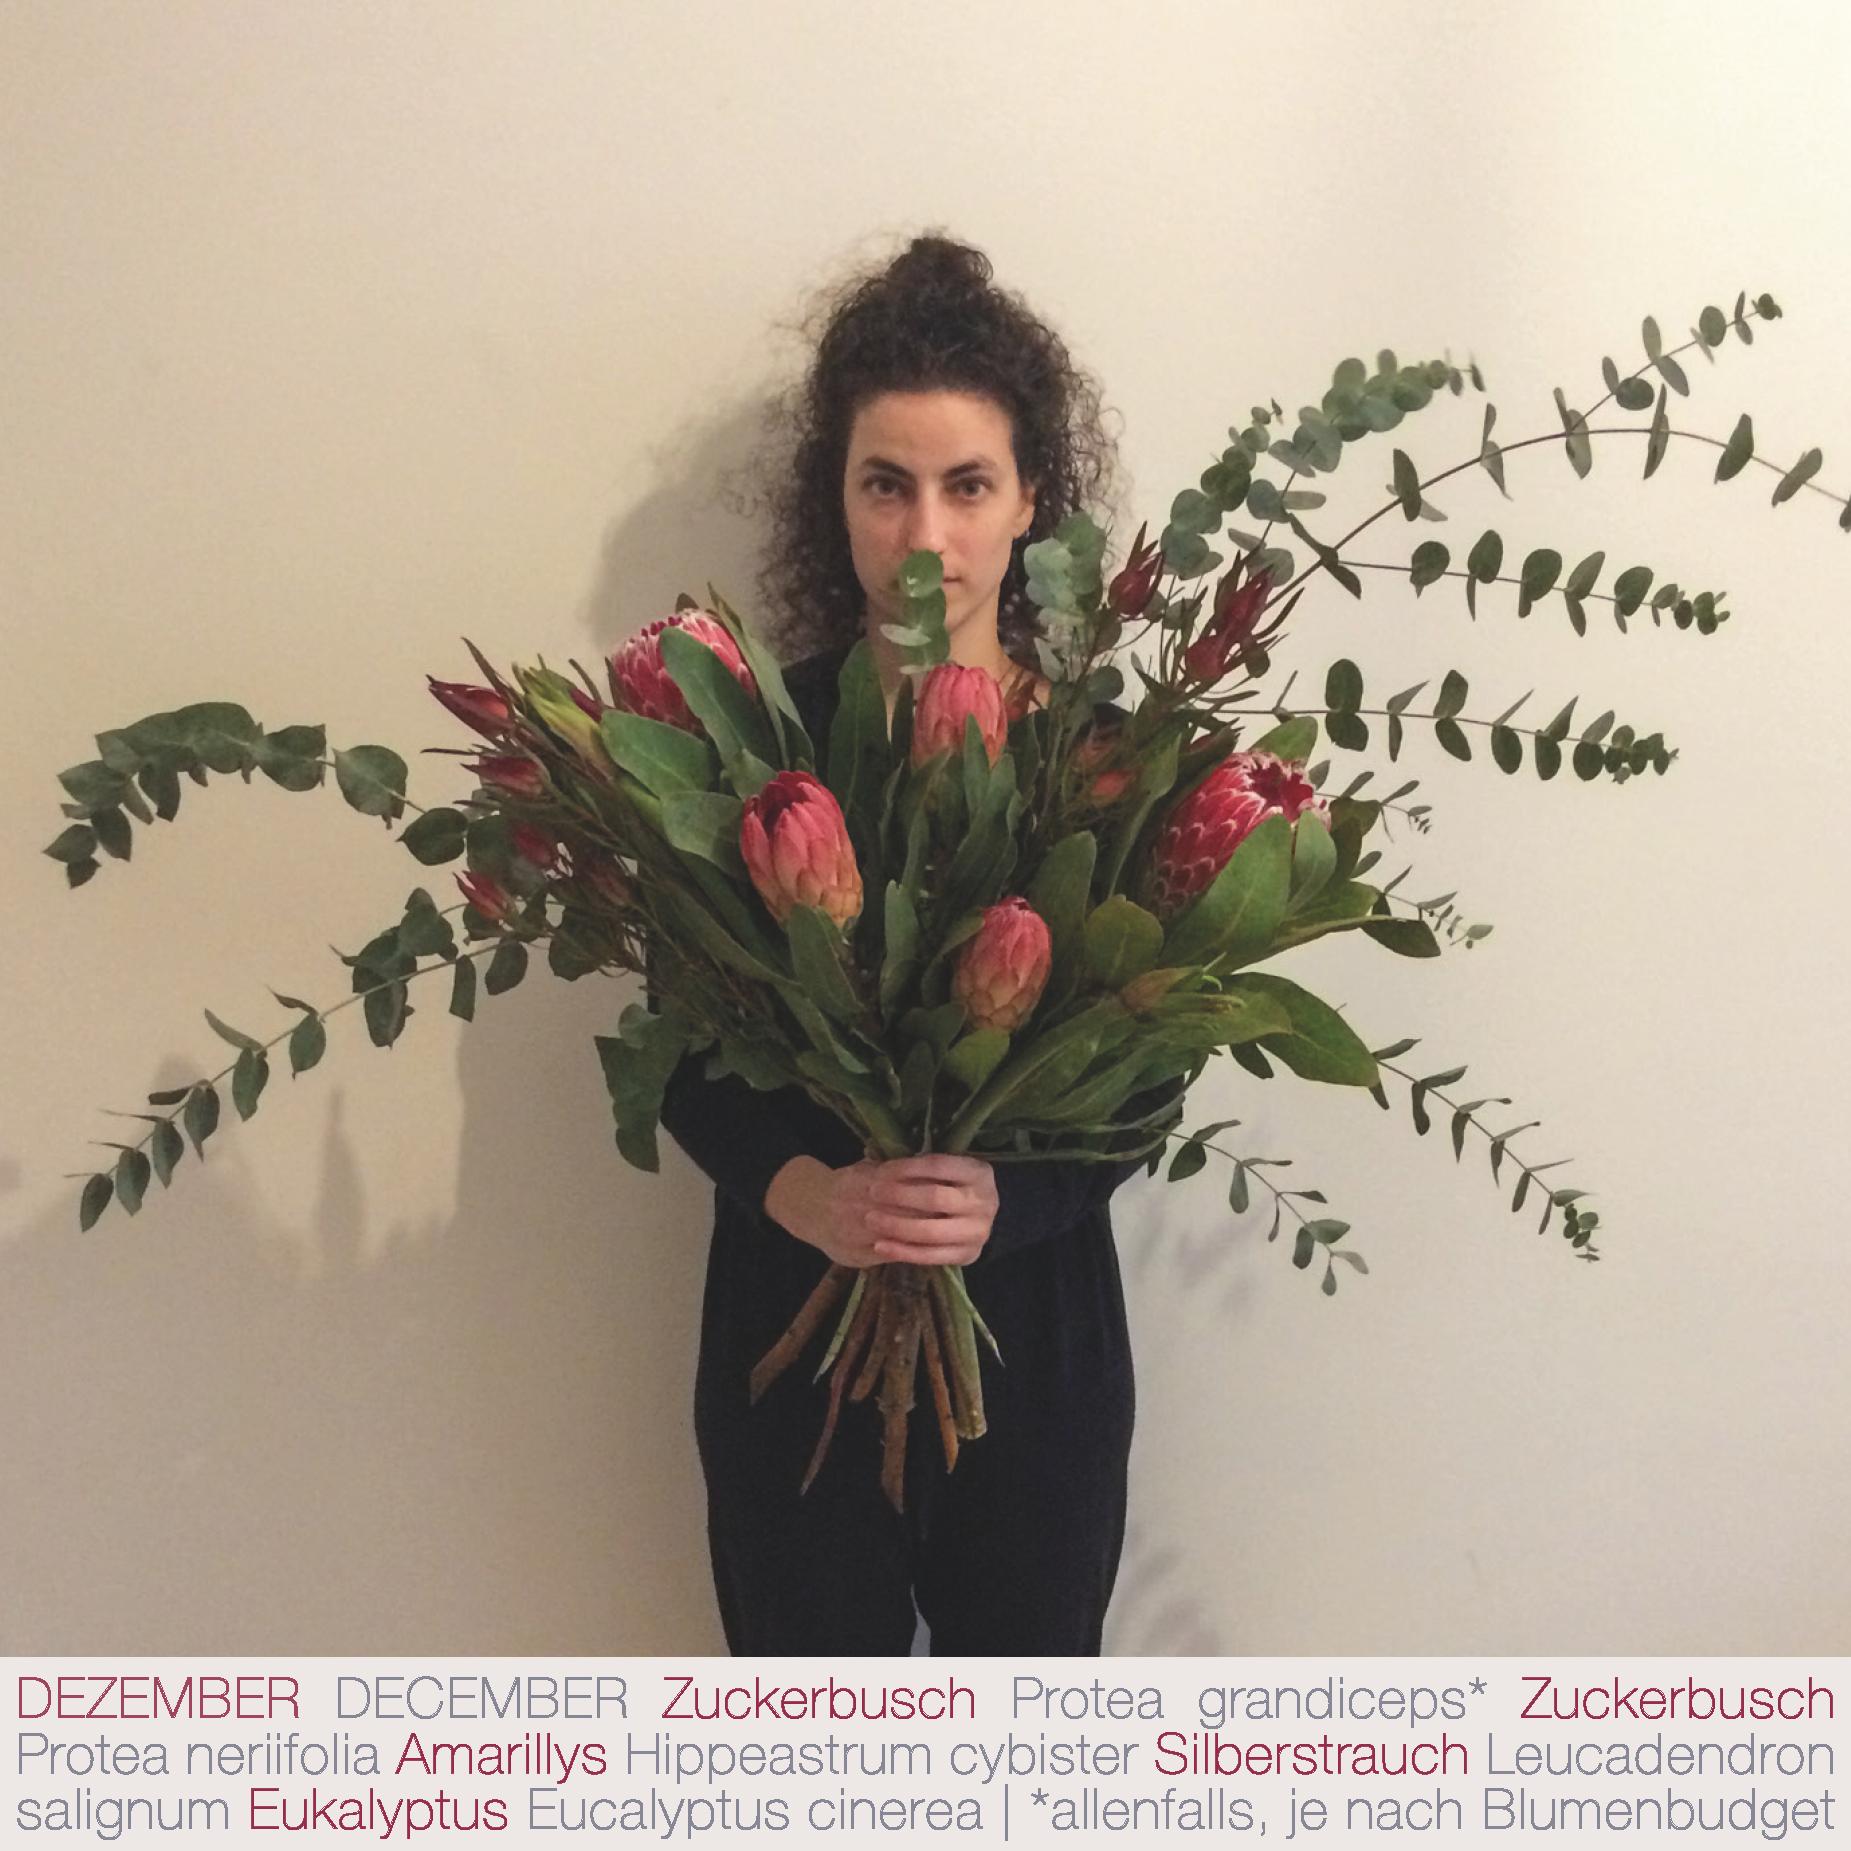 Dezember_Blumen-Abo